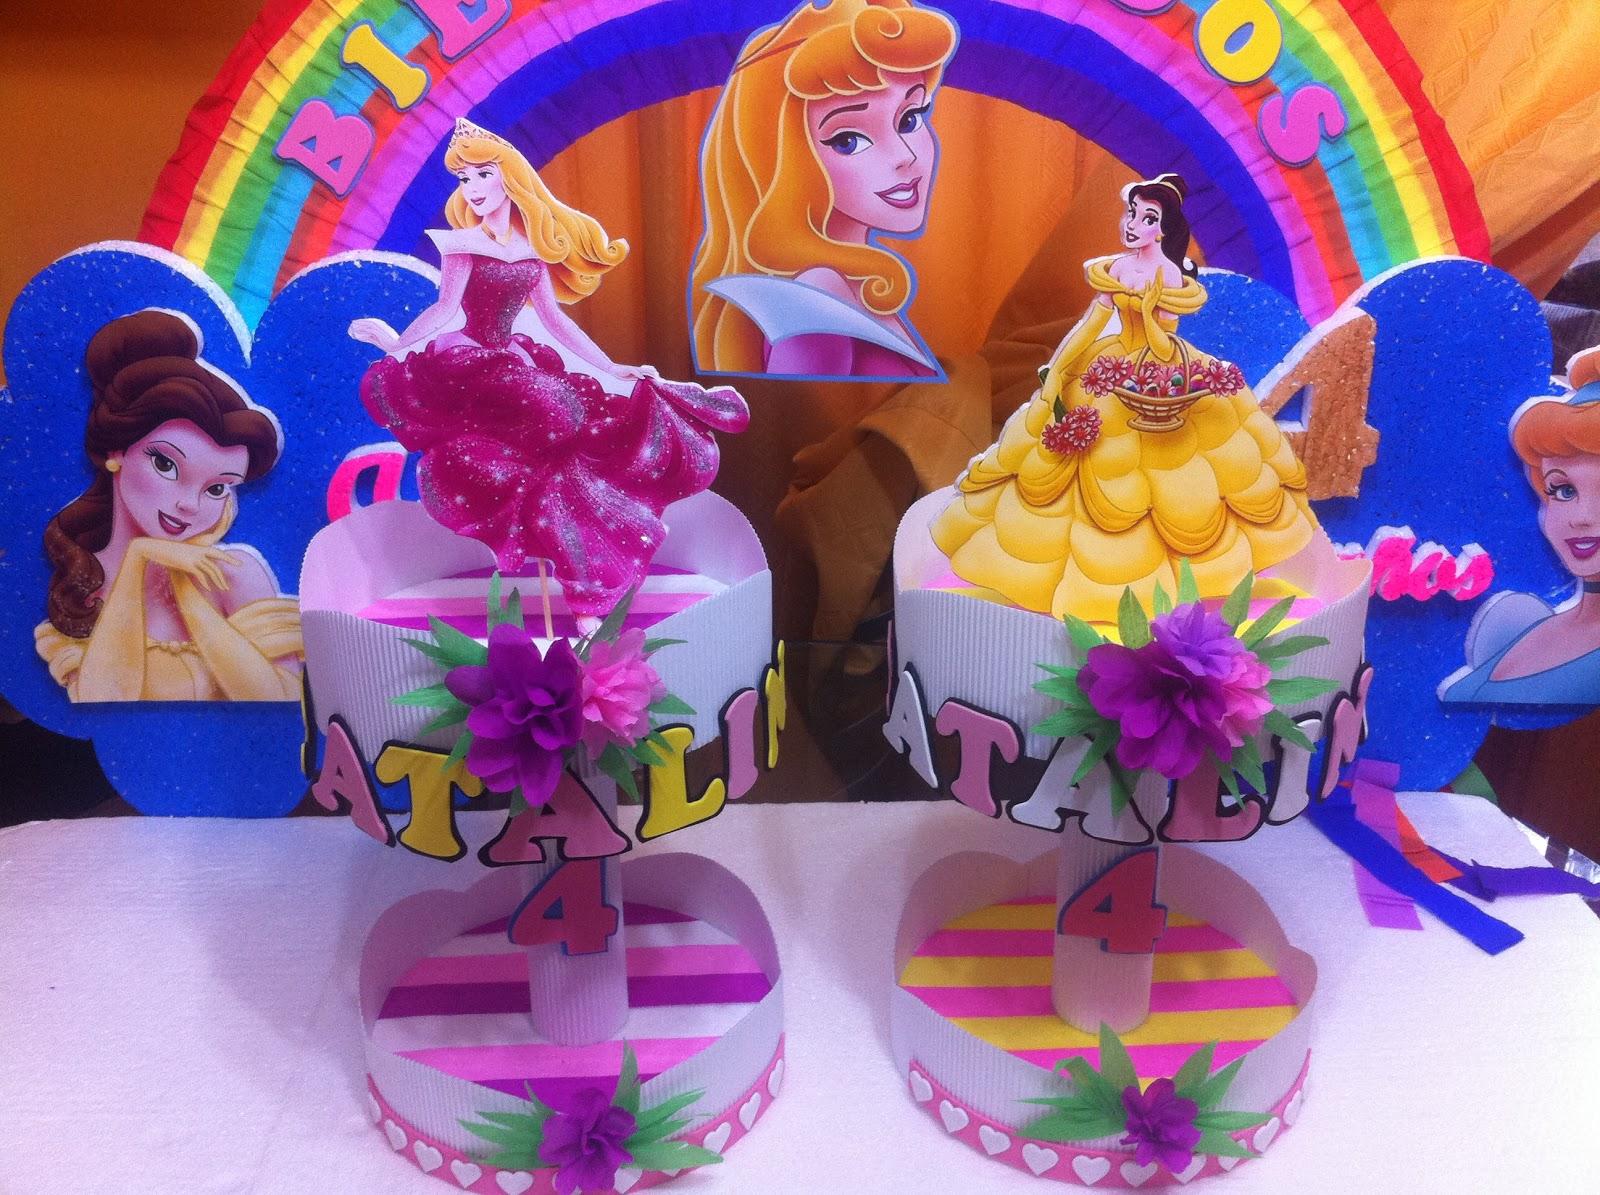 Decoraciones infantiles princesa bella y aurora - Decoracion cumpleanos princesas ...